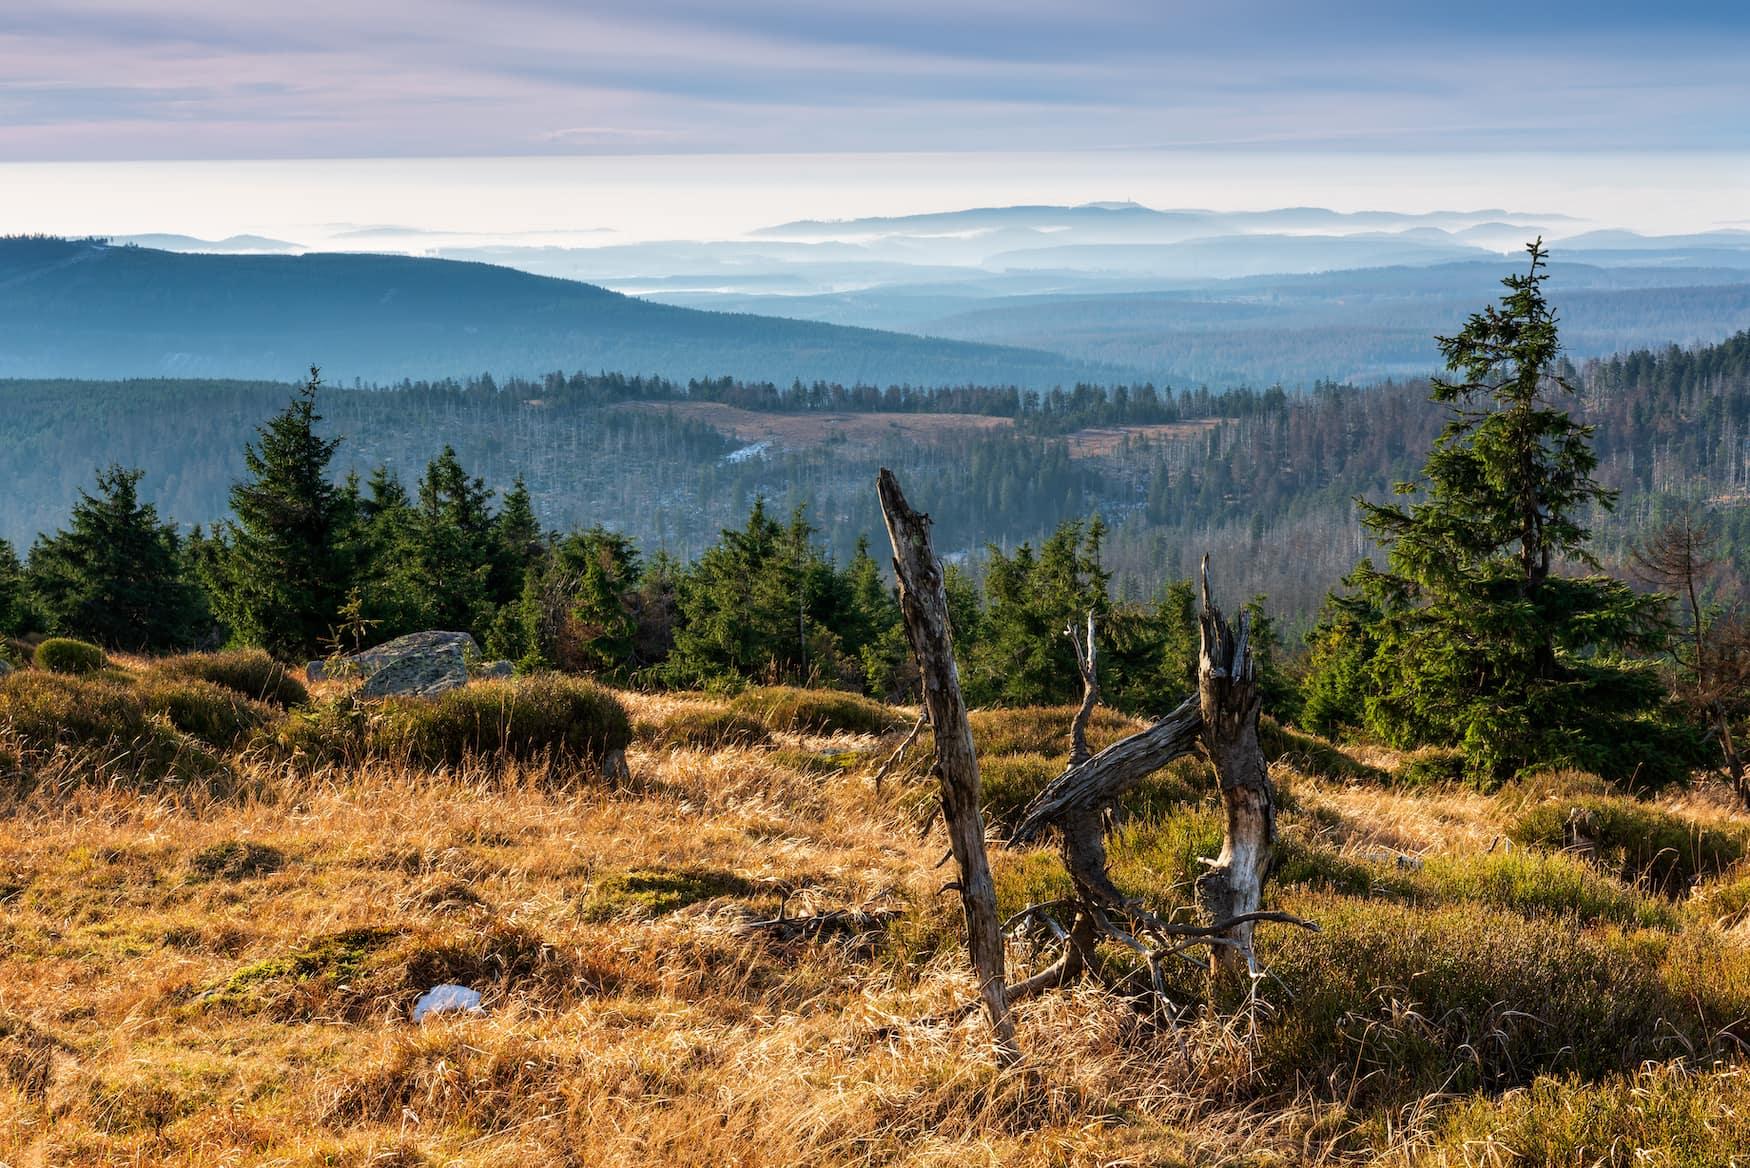 Aussicht vom Brocken im Harz im Herbst